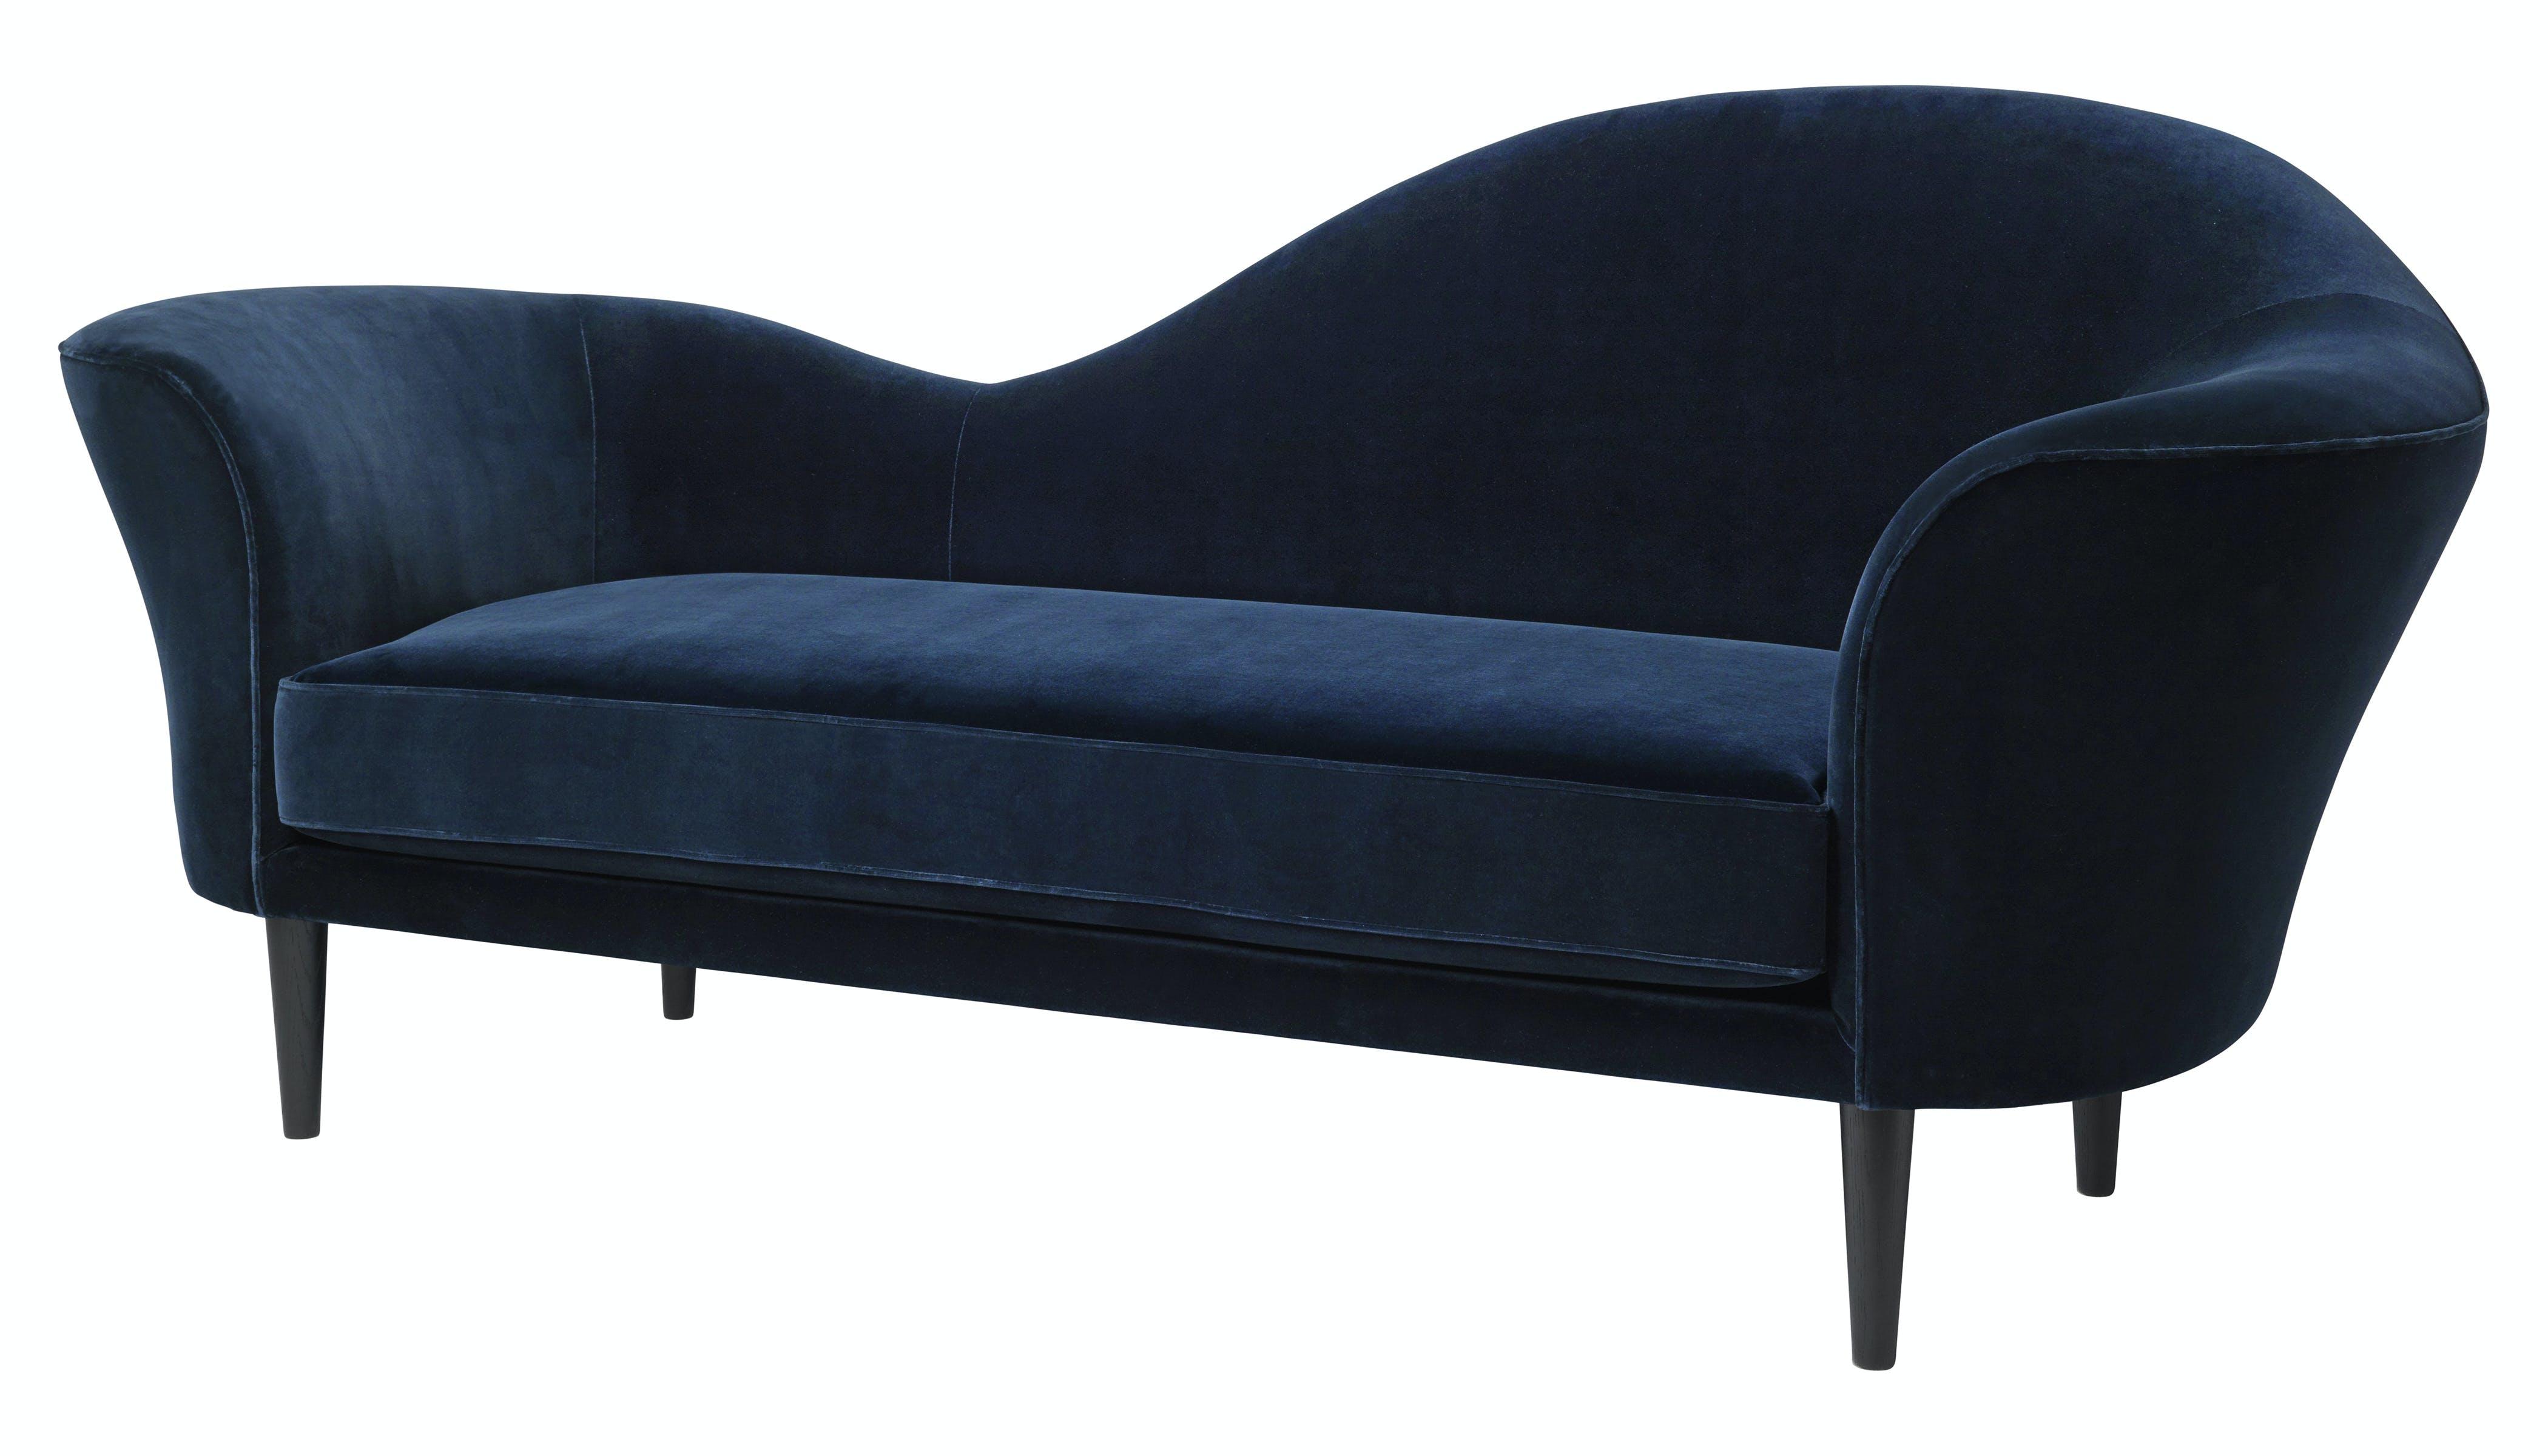 Gubi Grand Piano Sofa Blue Angle Thumb Haute Living